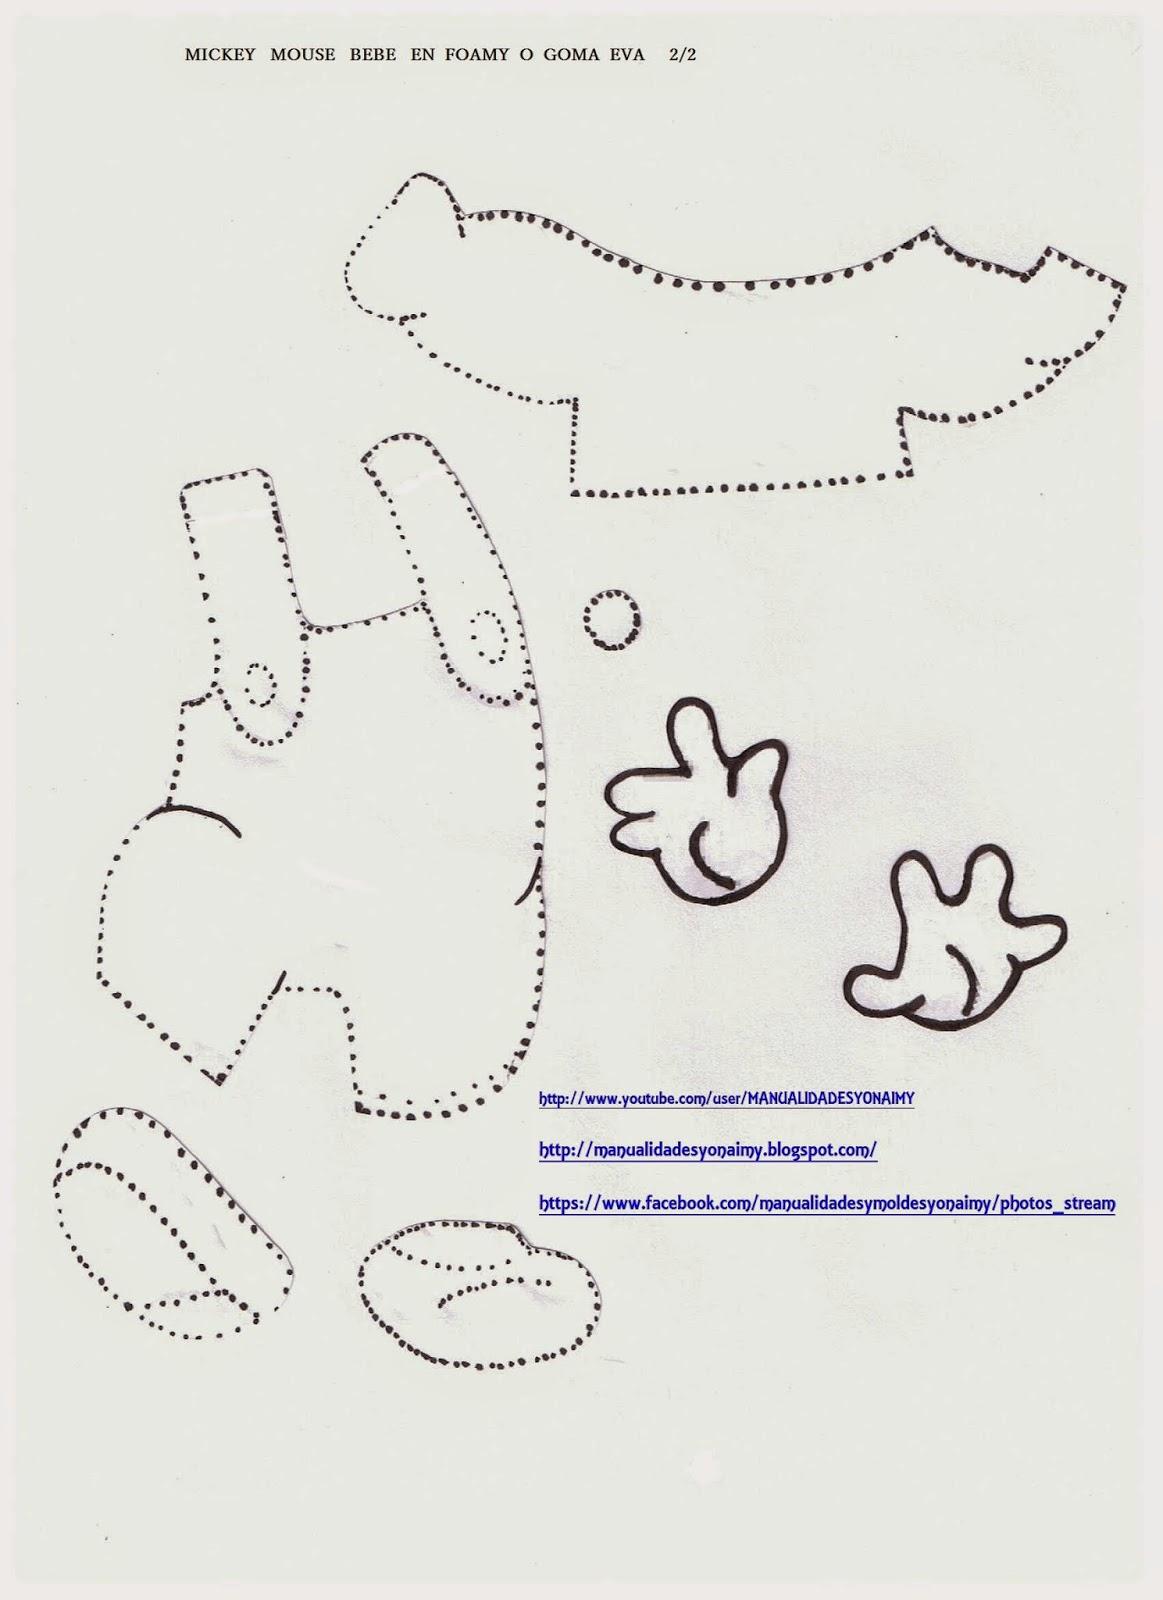 Mickey mouse de goma paso a paso mickey mouse bebe en - Manualidades de goma eva ...